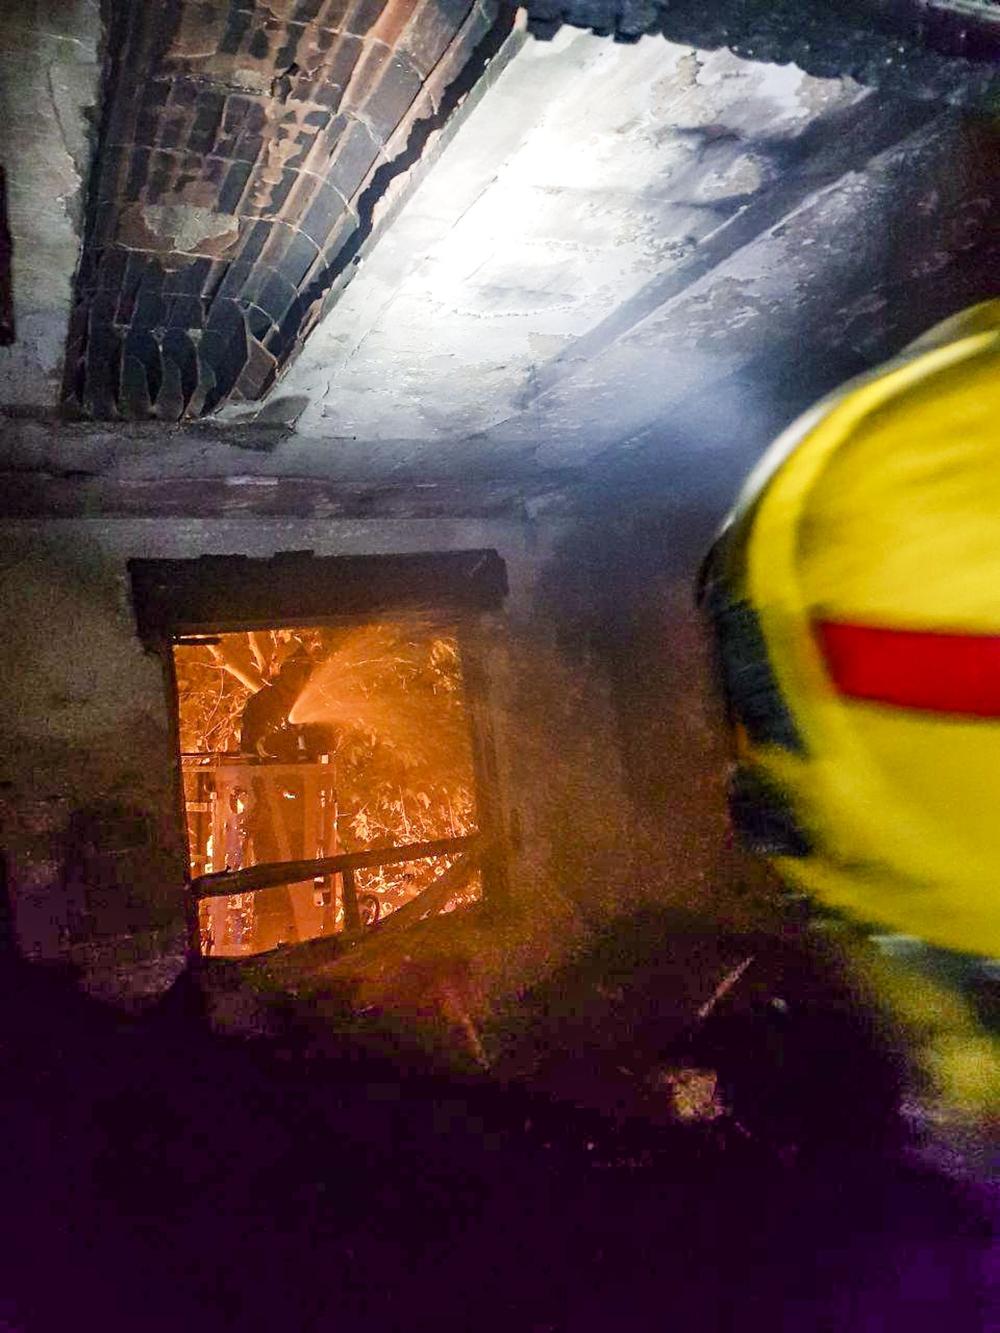 Desalojados 45 vecinos por un incendio en Puertollano